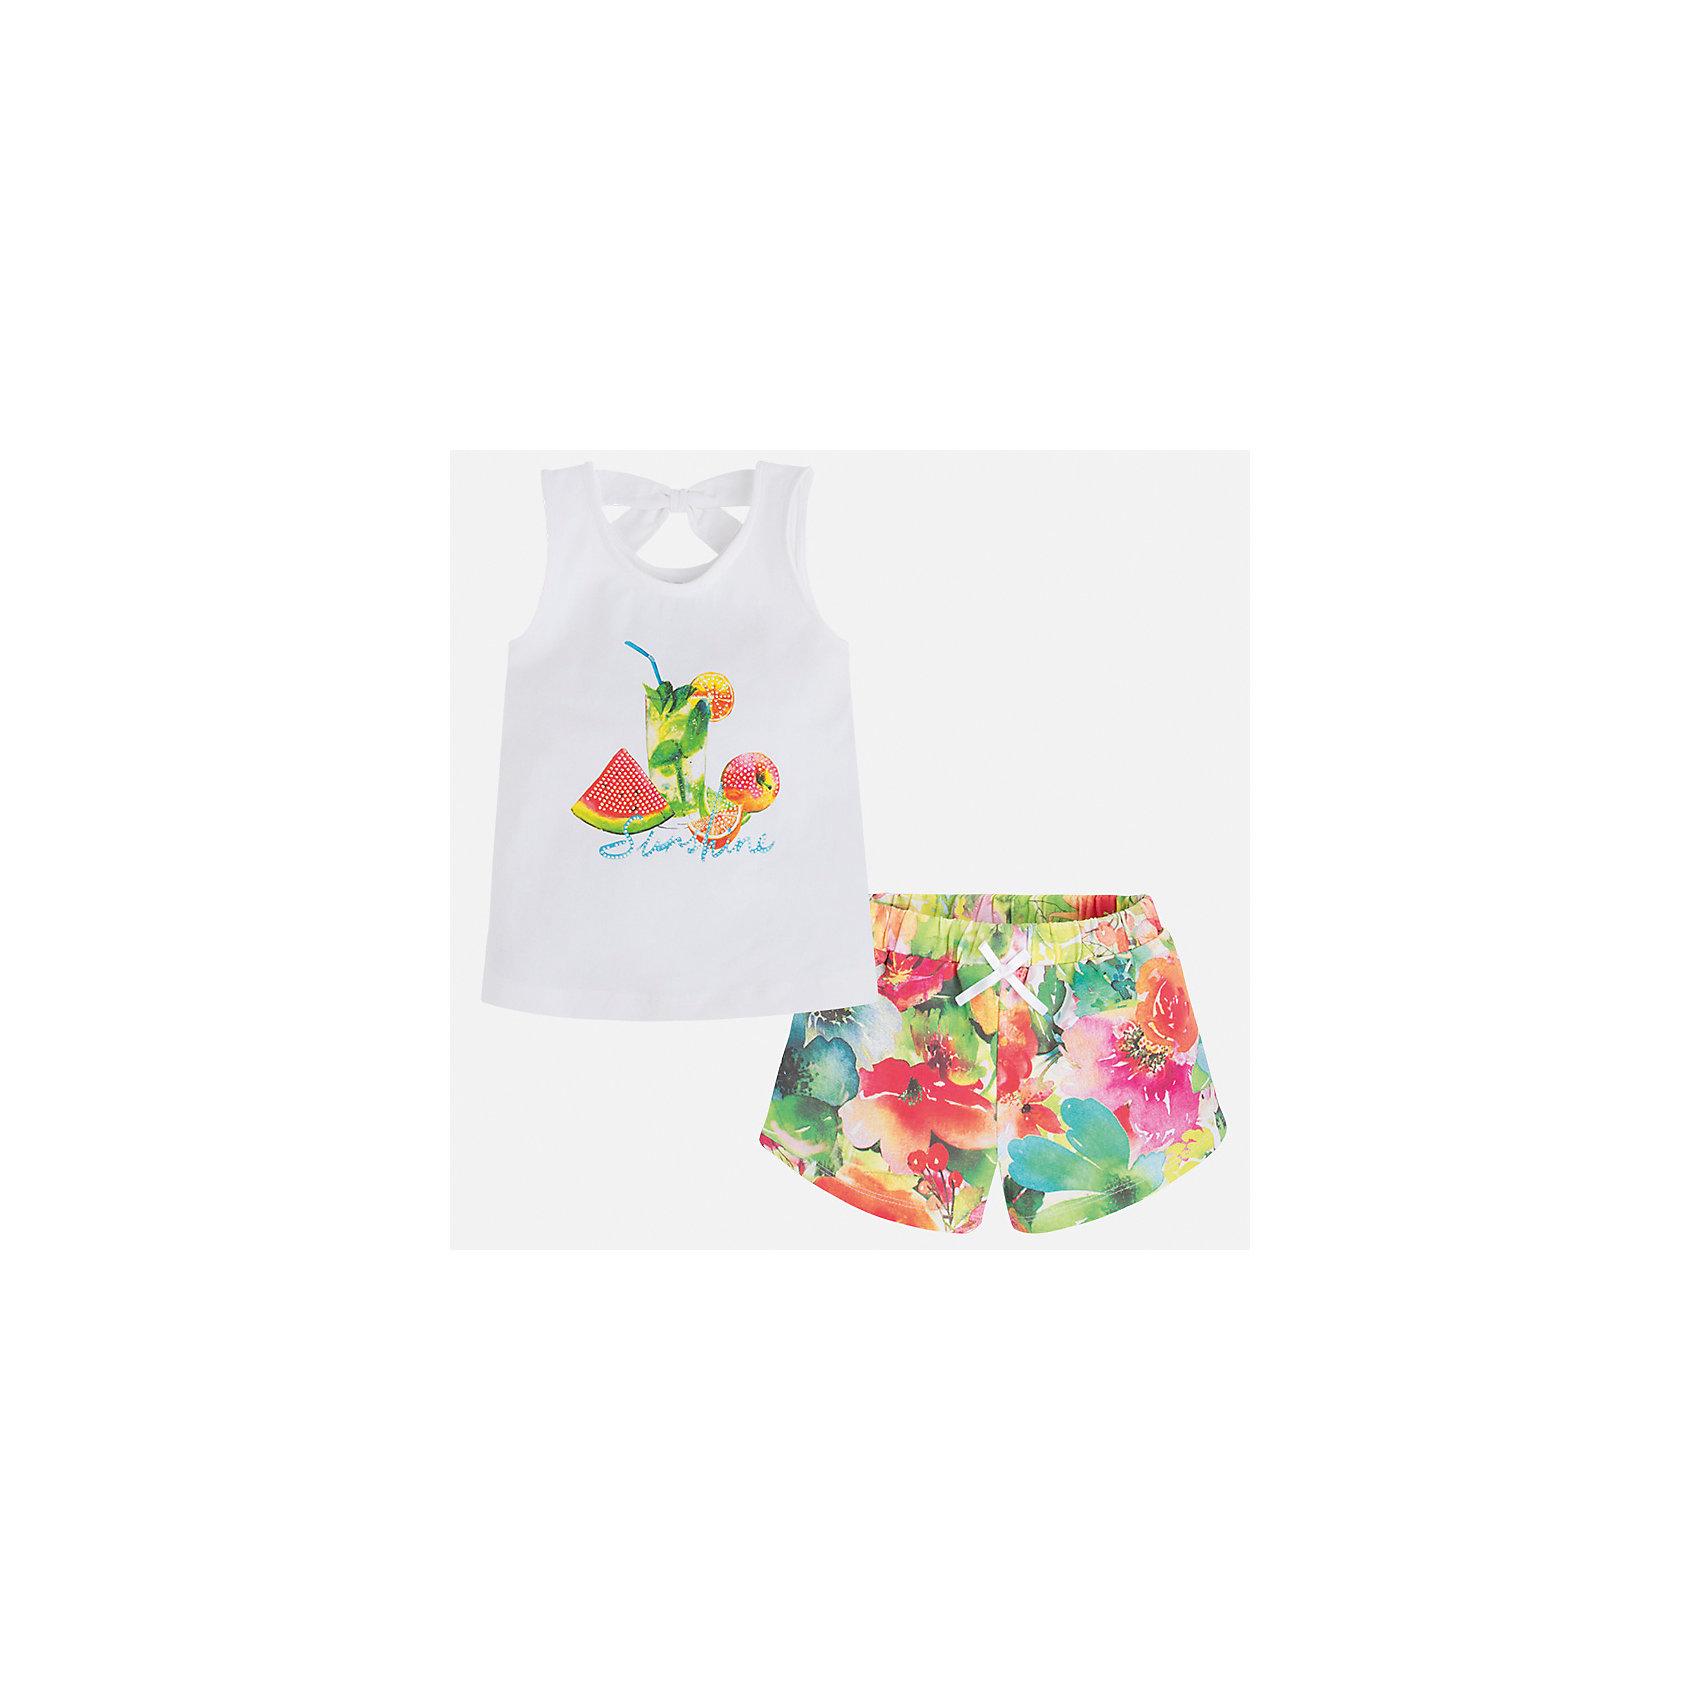 Комплект: футболка и шорты для девочки MayoralВесенняя капель<br>Характеристики товара:<br><br>• цвет: белый/мультиколор<br>• состав: 92% хлопок, 8% эластан<br>• комплектация: майка, шорты<br>• майка декорирована принтом<br>• шорты из материала с принтом<br>• пояс на резинке<br>• страна бренда: Испания<br><br>Стильный качественный комплект для девочки поможет разнообразить гардероб ребенка и удобно одеться в теплую погоду. Он отлично сочетается с другими предметами. Универсальный цвет позволяет подобрать к вещам верхнюю одежду практически любой расцветки. Интересная отделка модели делает её нарядной и оригинальной. В составе материала - натуральный хлопок, гипоаллергенный, приятный на ощупь, дышащий.<br><br>Одежда, обувь и аксессуары от испанского бренда Mayoral полюбились детям и взрослым по всему миру. Модели этой марки - стильные и удобные. Для их производства используются только безопасные, качественные материалы и фурнитура. Порадуйте ребенка модными и красивыми вещами от Mayoral! <br><br>Комплект для девочки от испанского бренда Mayoral (Майорал) можно купить в нашем интернет-магазине.<br><br>Ширина мм: 191<br>Глубина мм: 10<br>Высота мм: 175<br>Вес г: 273<br>Цвет: зеленый<br>Возраст от месяцев: 96<br>Возраст до месяцев: 108<br>Пол: Женский<br>Возраст: Детский<br>Размер: 134,92,98,104,110,116,122,128<br>SKU: 5289893